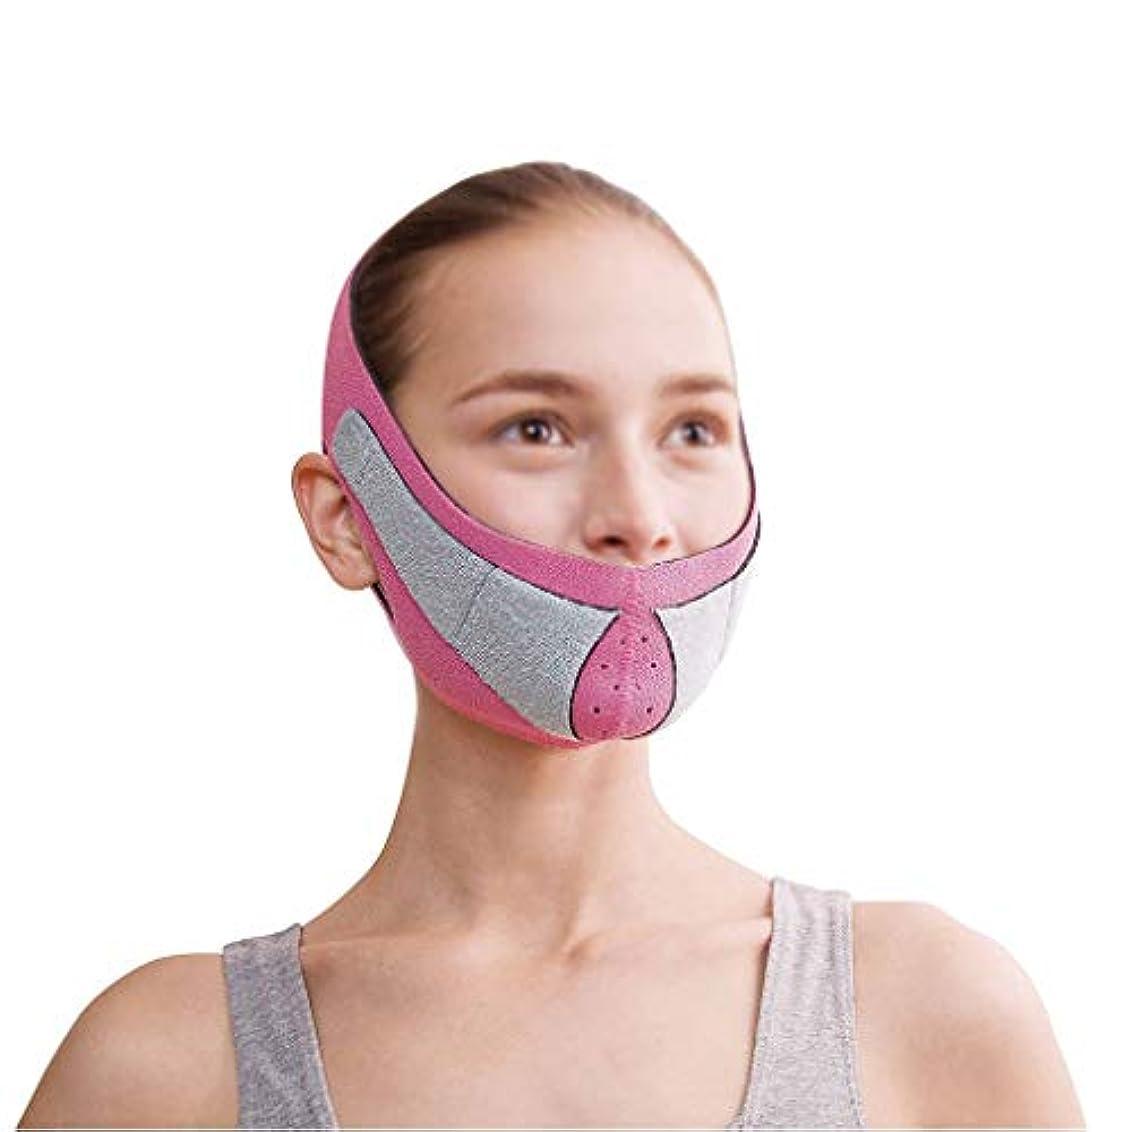 ラジエーター隣接メディックGLJJQMY 薄いフェイスマスク引き締め肌引き締まり防止垂れスペルマスク薄いあご包帯 顔用整形マスク